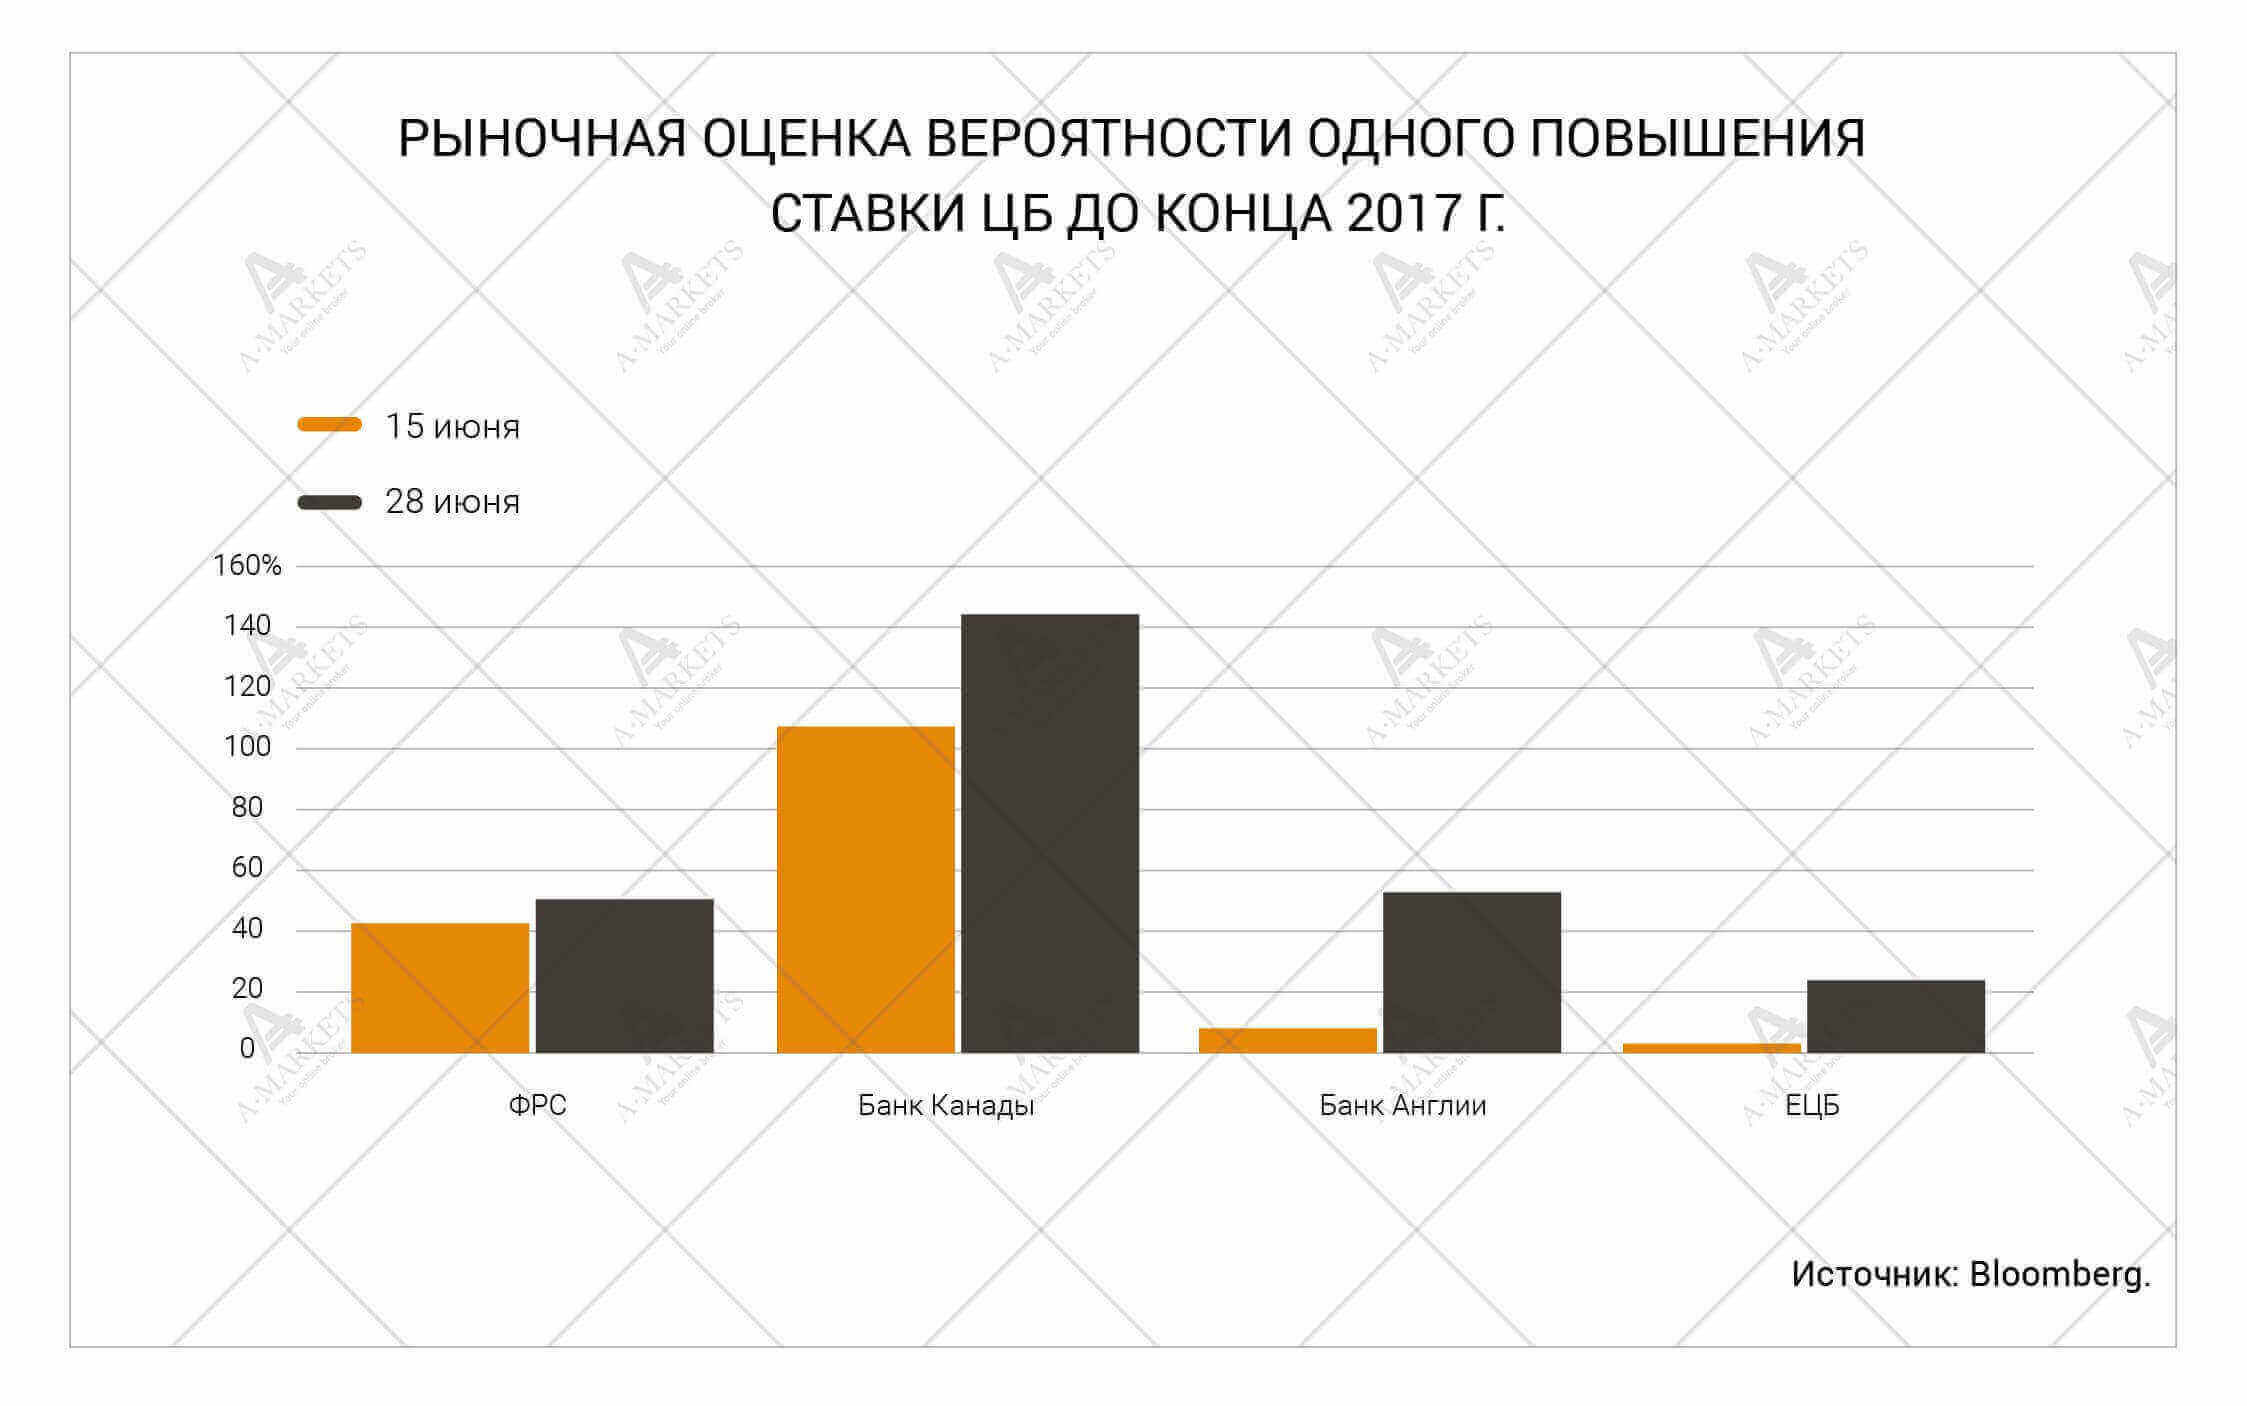 Рыночная оценка вероятности одного повышения ставки ЦБ до конца 2017 г. Аналитика Николая Корженевского